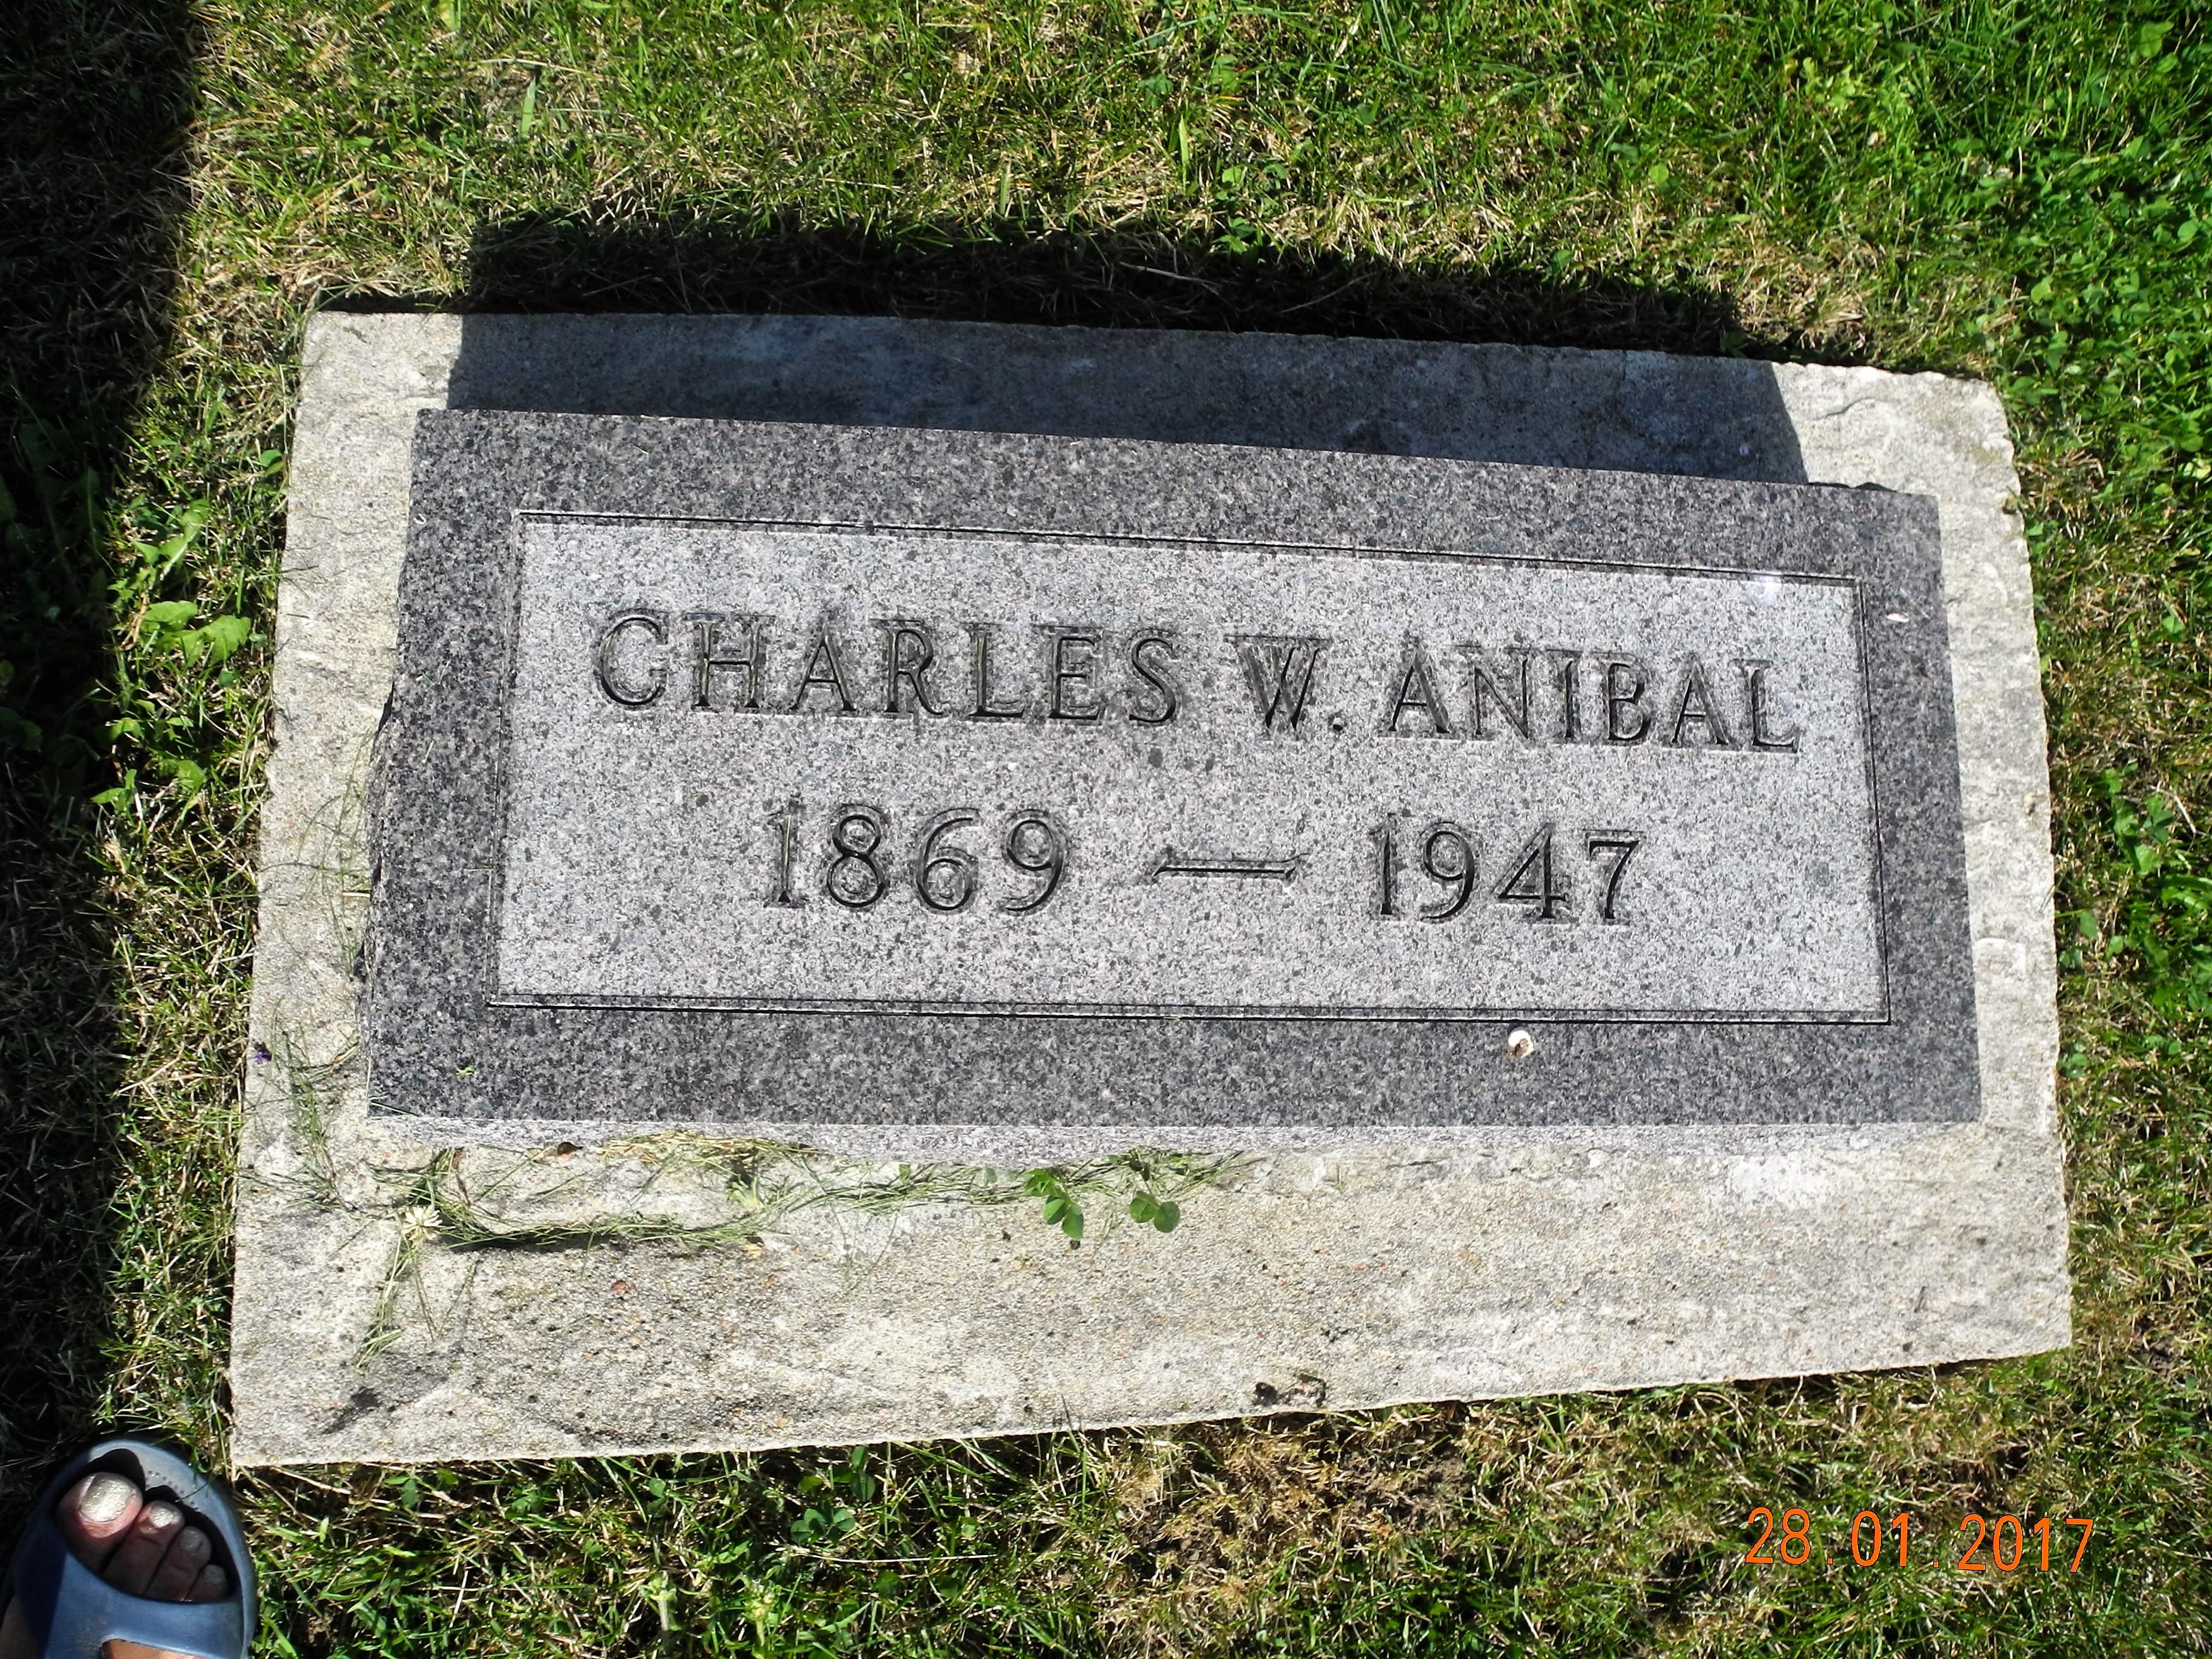 Charles William Anibal